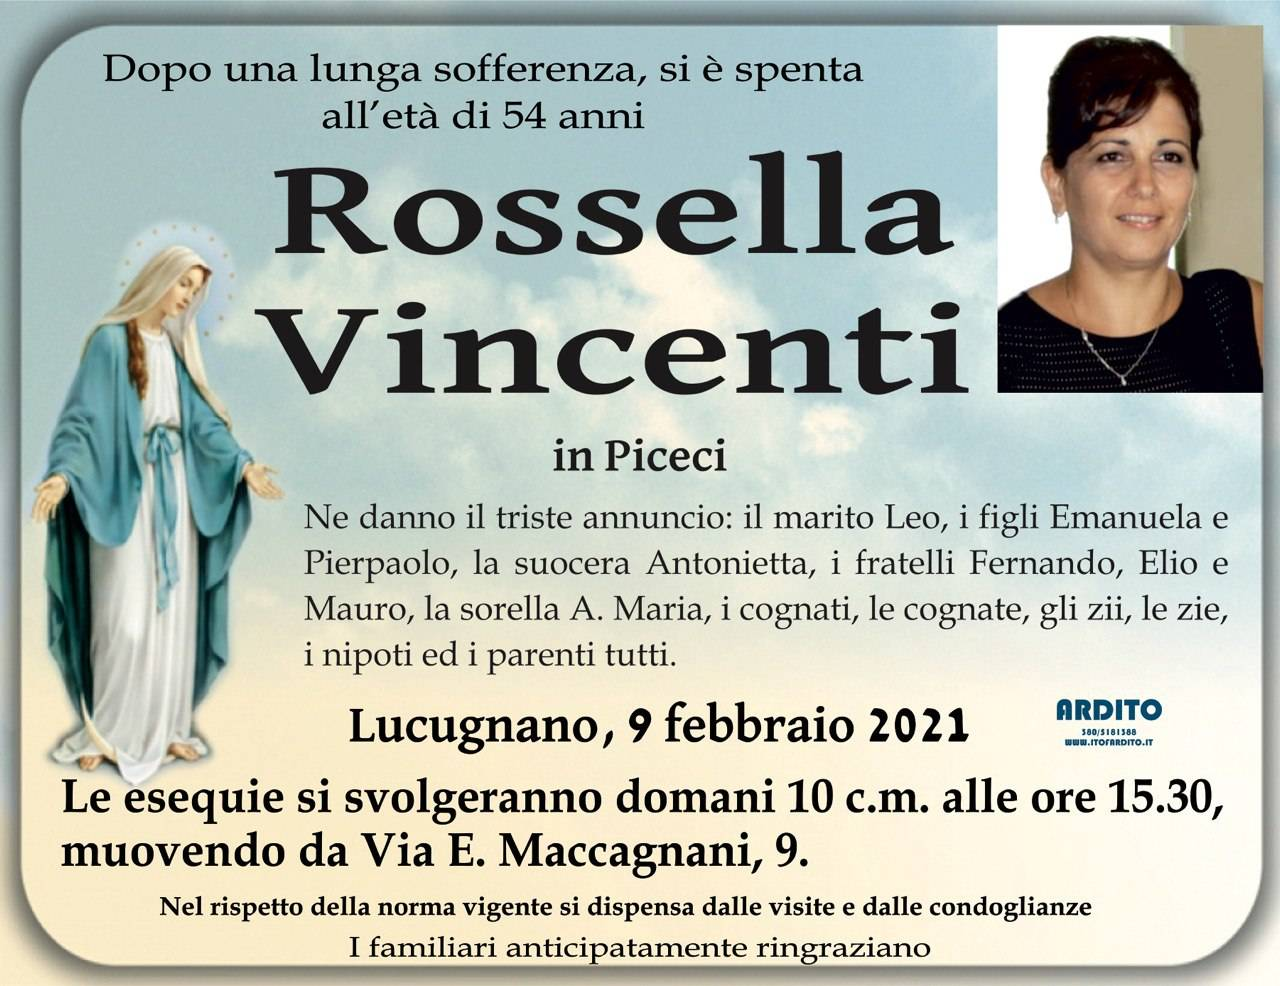 Rossella Vincenti